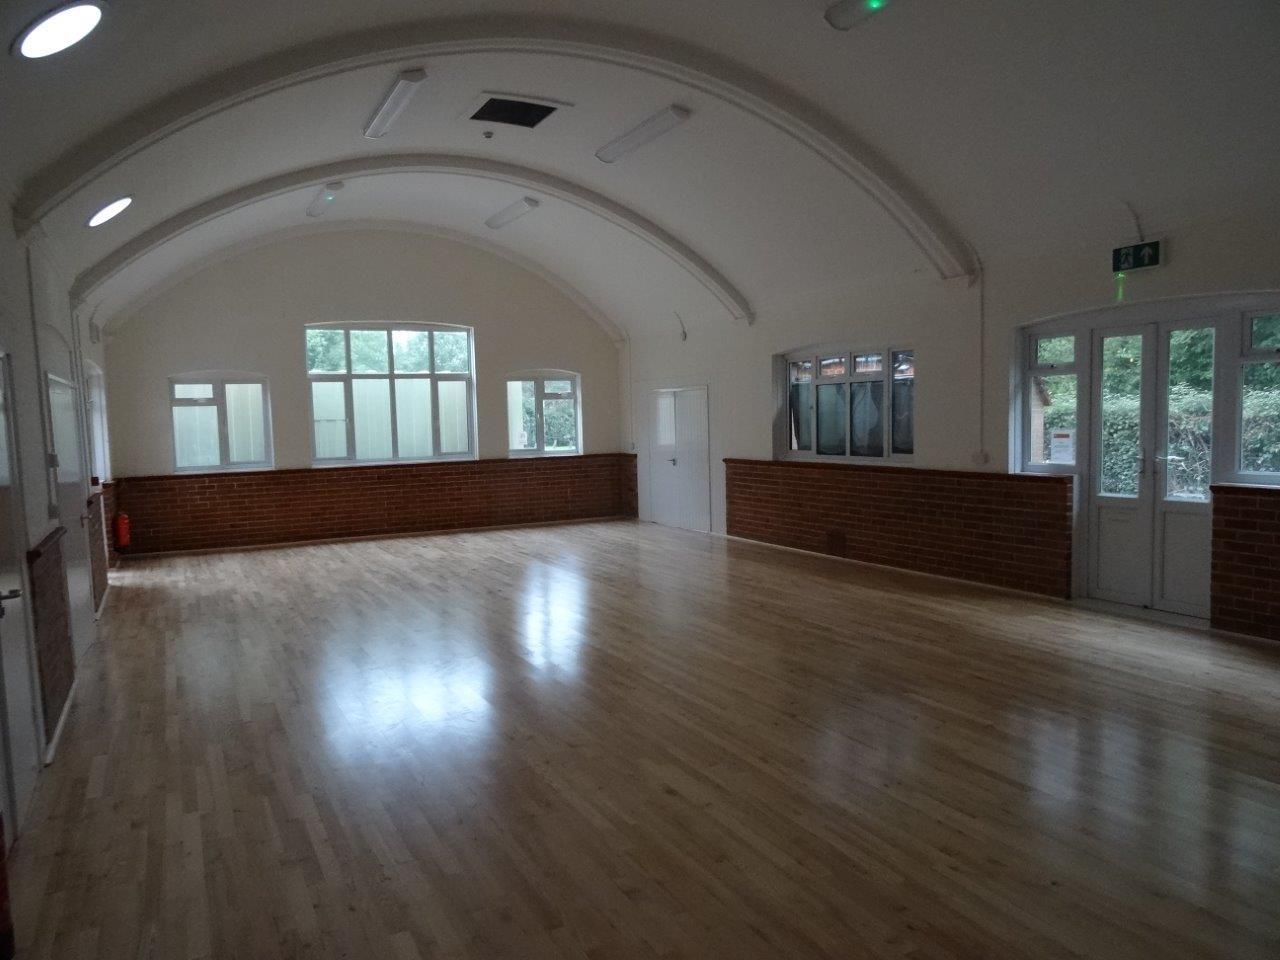 New wooden floor with underfloor heating